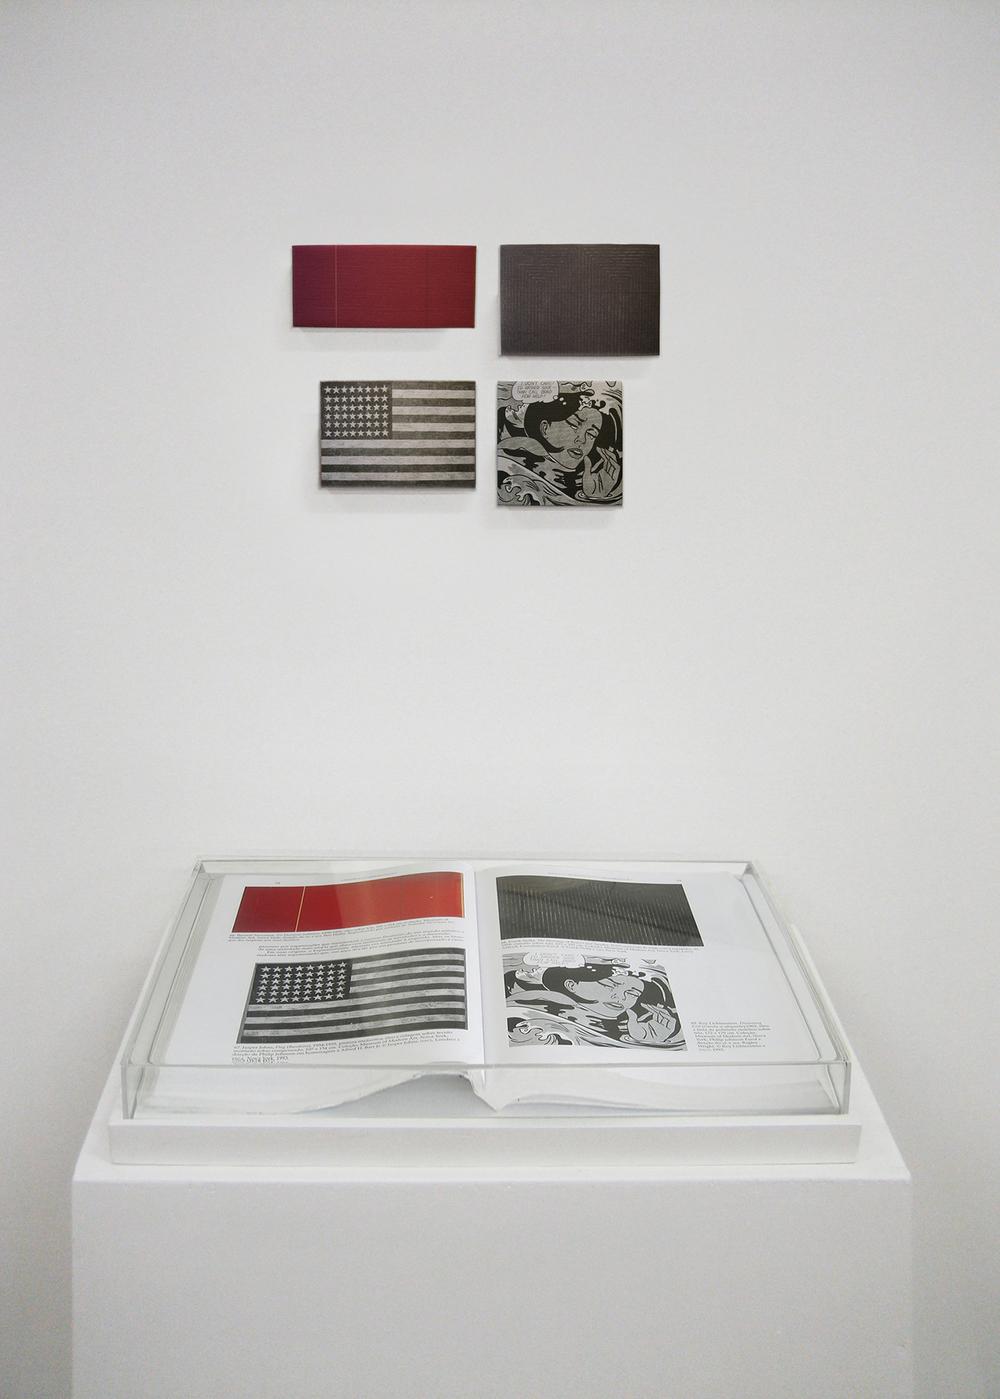 Páginas 78 e 79 (série Foi Assim Que Me Ensinaram) •2005 • Livro emoldurado, óleo sobre tela• 26,5 x 40 cm (livro), 5,5 x 12 cm, 10 x 14 cm, 9,5 x 14 cm, 10,5 x 10,5 cm